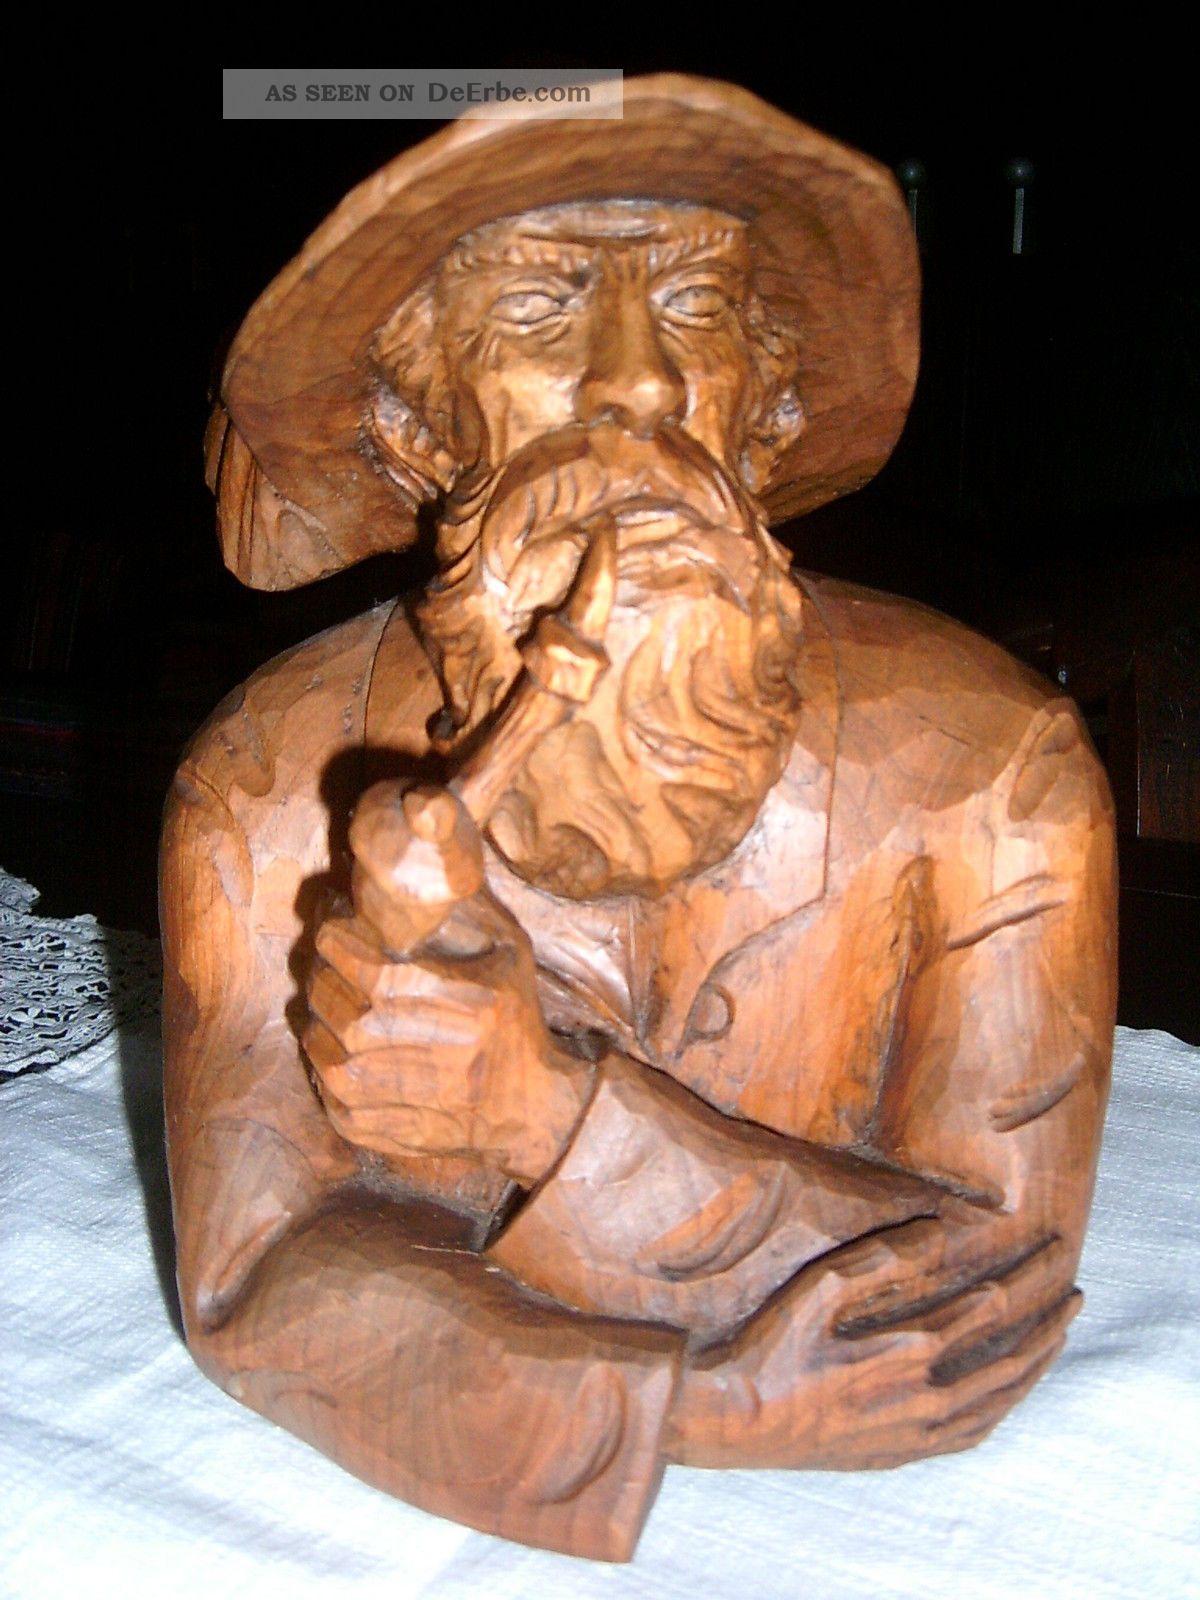 Holzskulptur, Holzkopf Alter Pfeifenraucher, Rauchender Mann